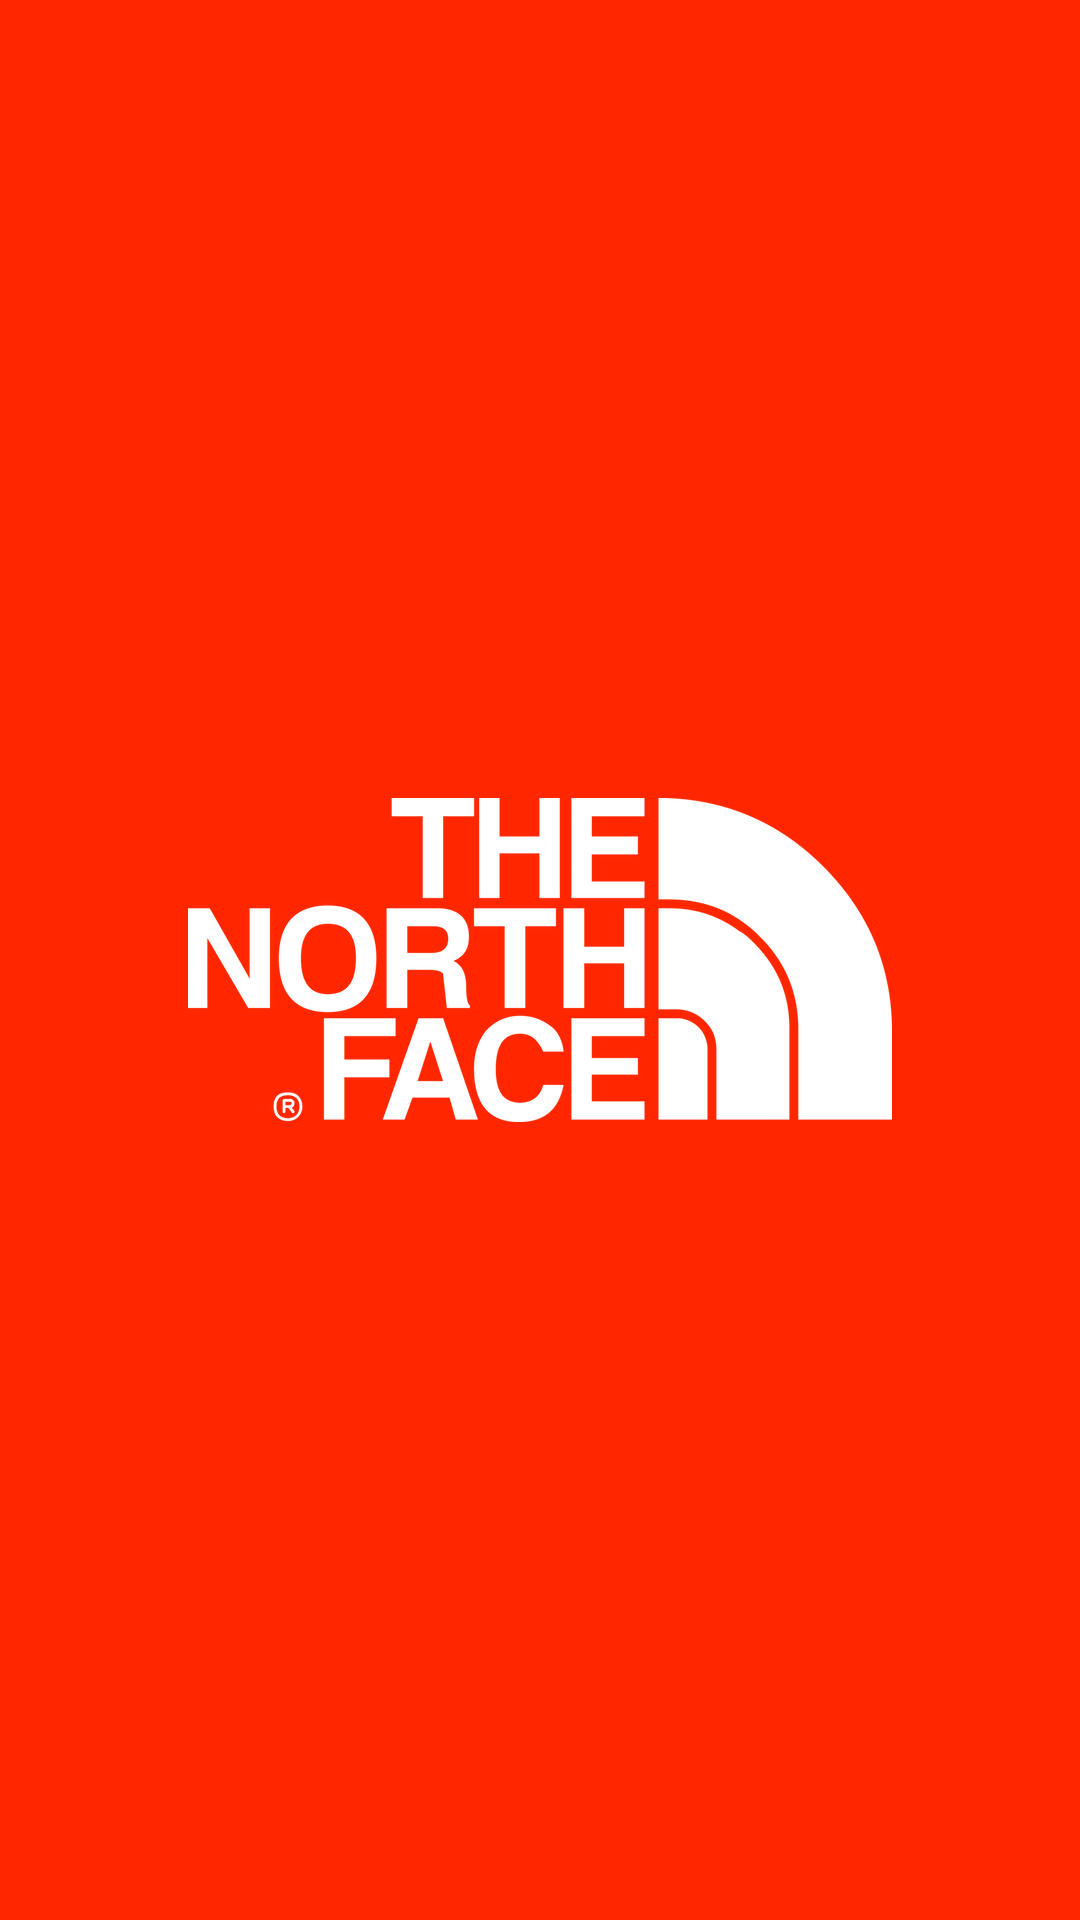 ザ・ノース・フェイス/THE NORTH FACE14